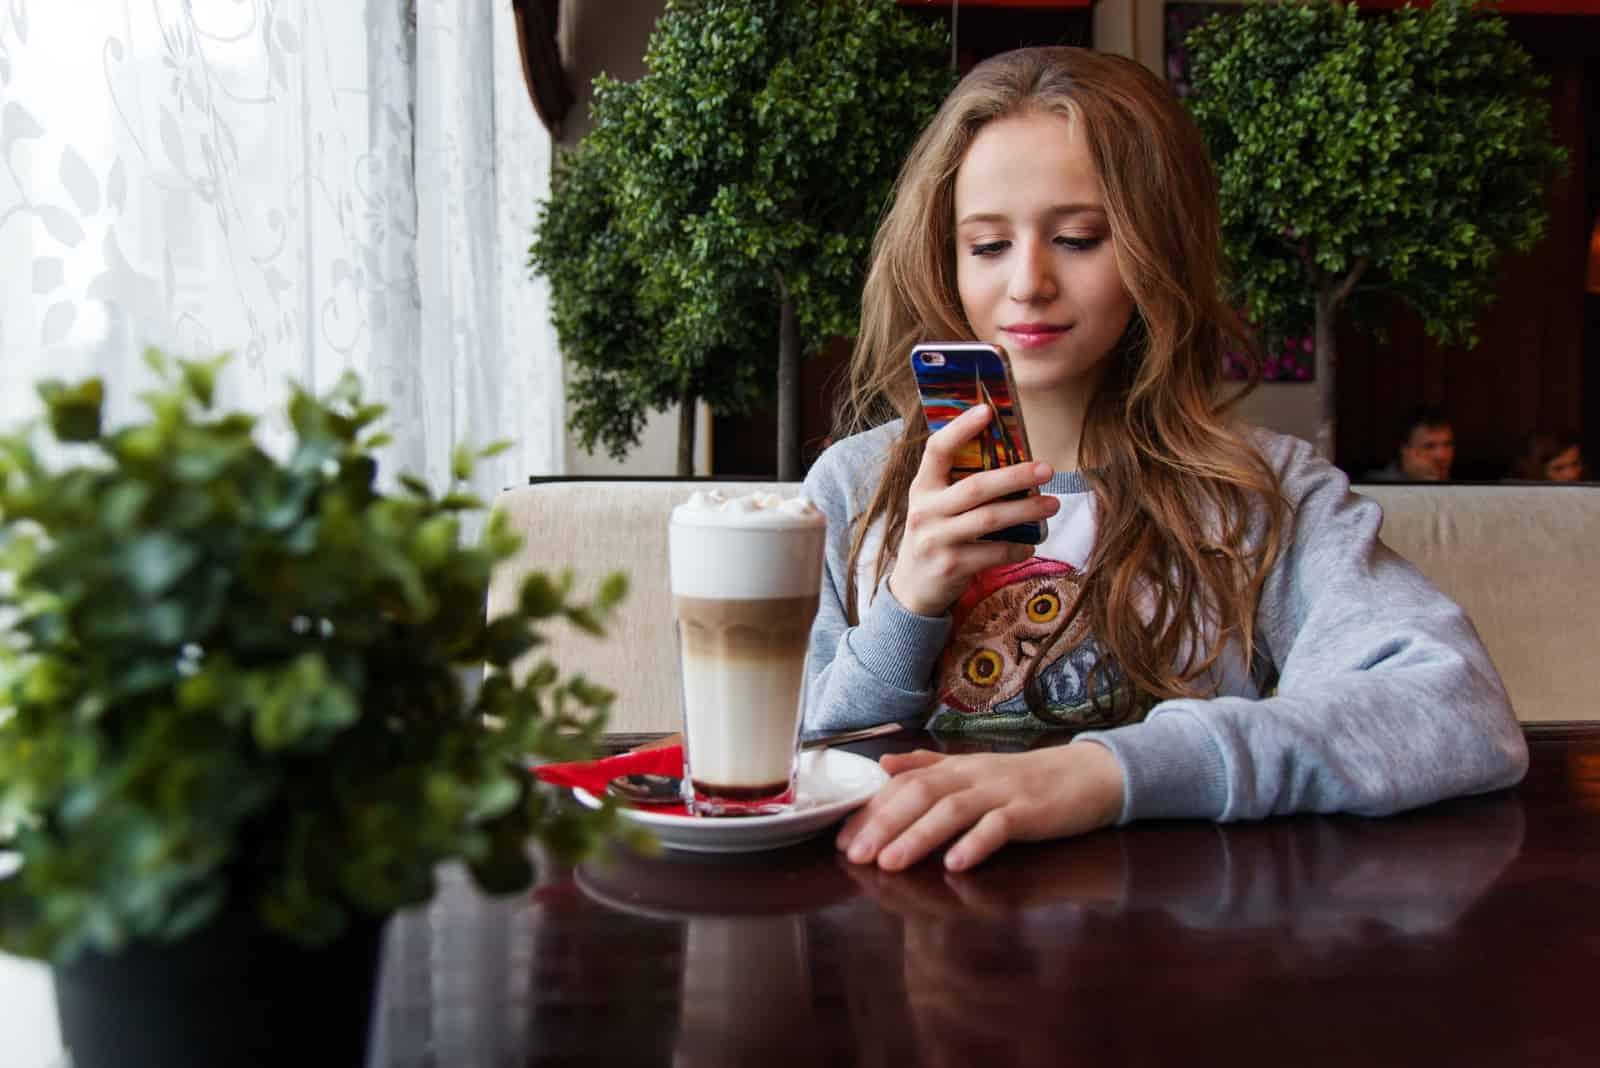 Femme regardant son smartphone assise dans un café